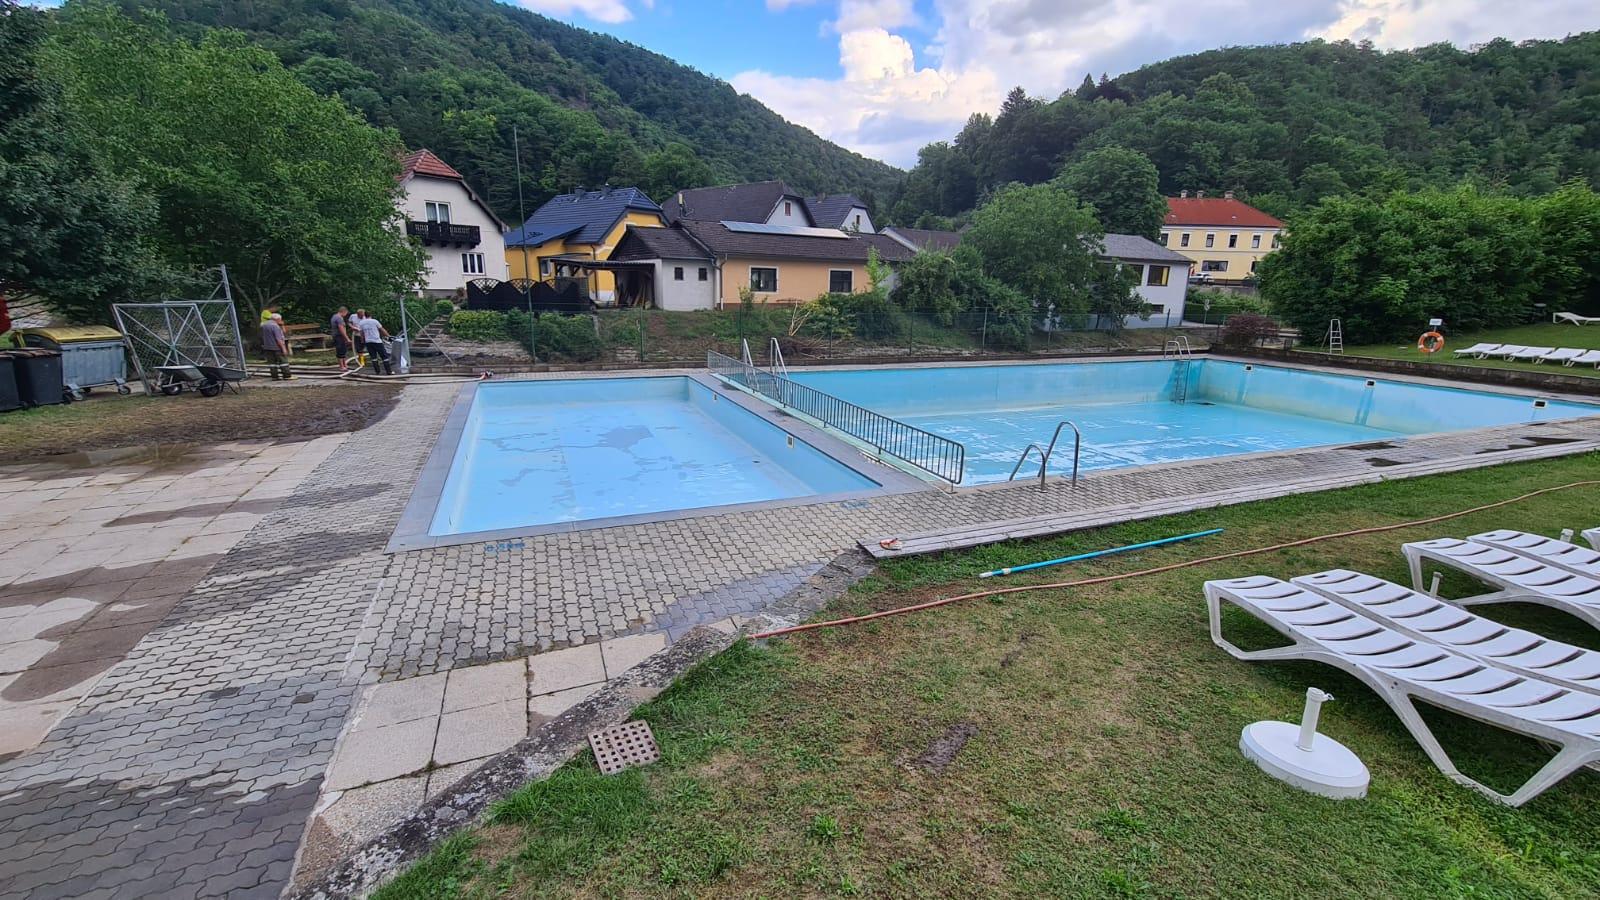 2021-07-19 - Unwettereinsatz-Aggsbach-Dorf (9)